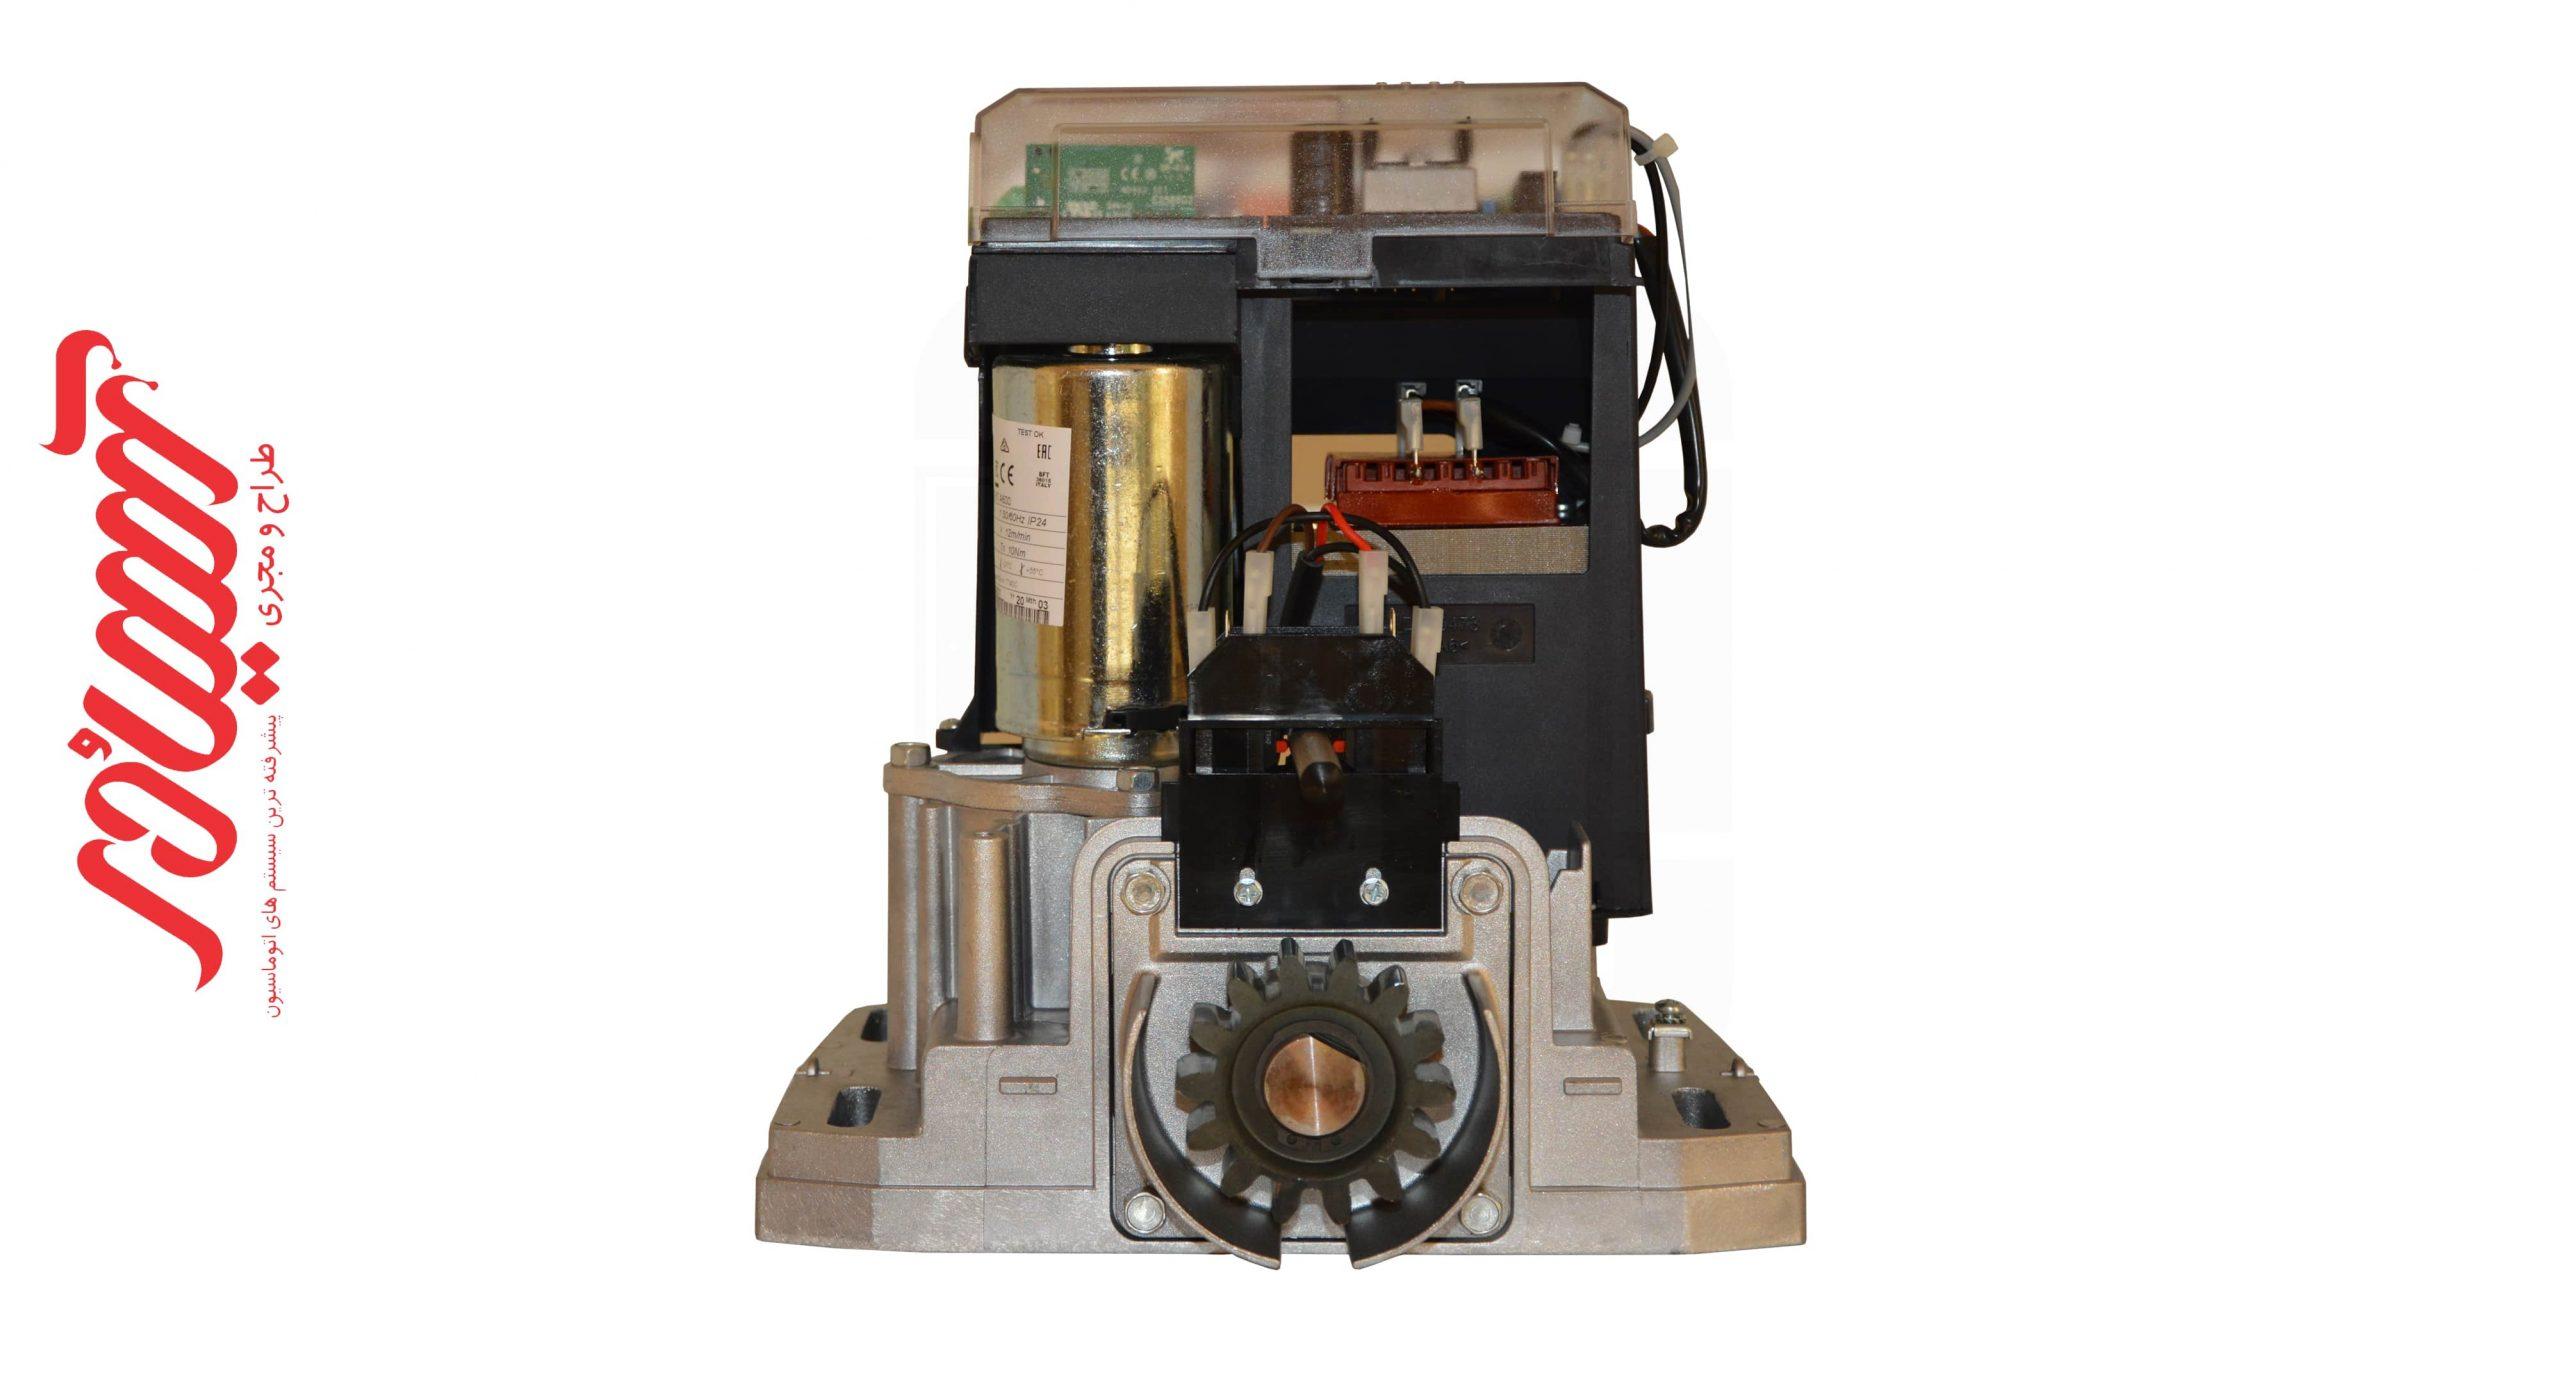 موتور درب ریلی دیموس بی اف تی A600